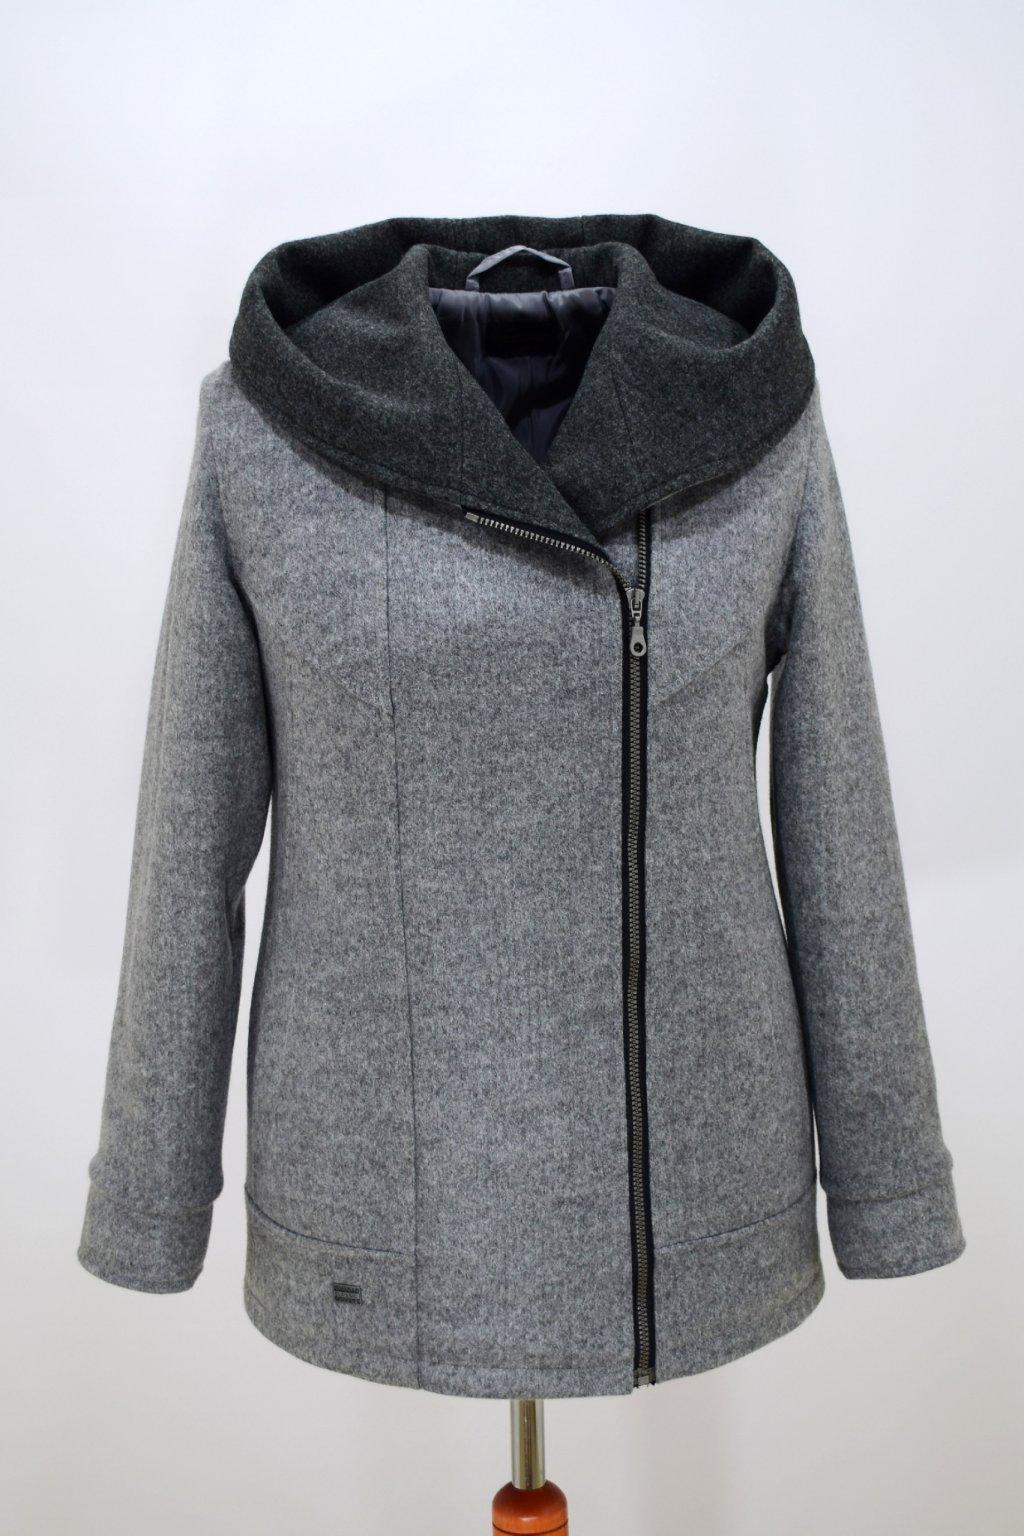 Dámská světle šedá zimní bunda Inka nadměrné velikosti.